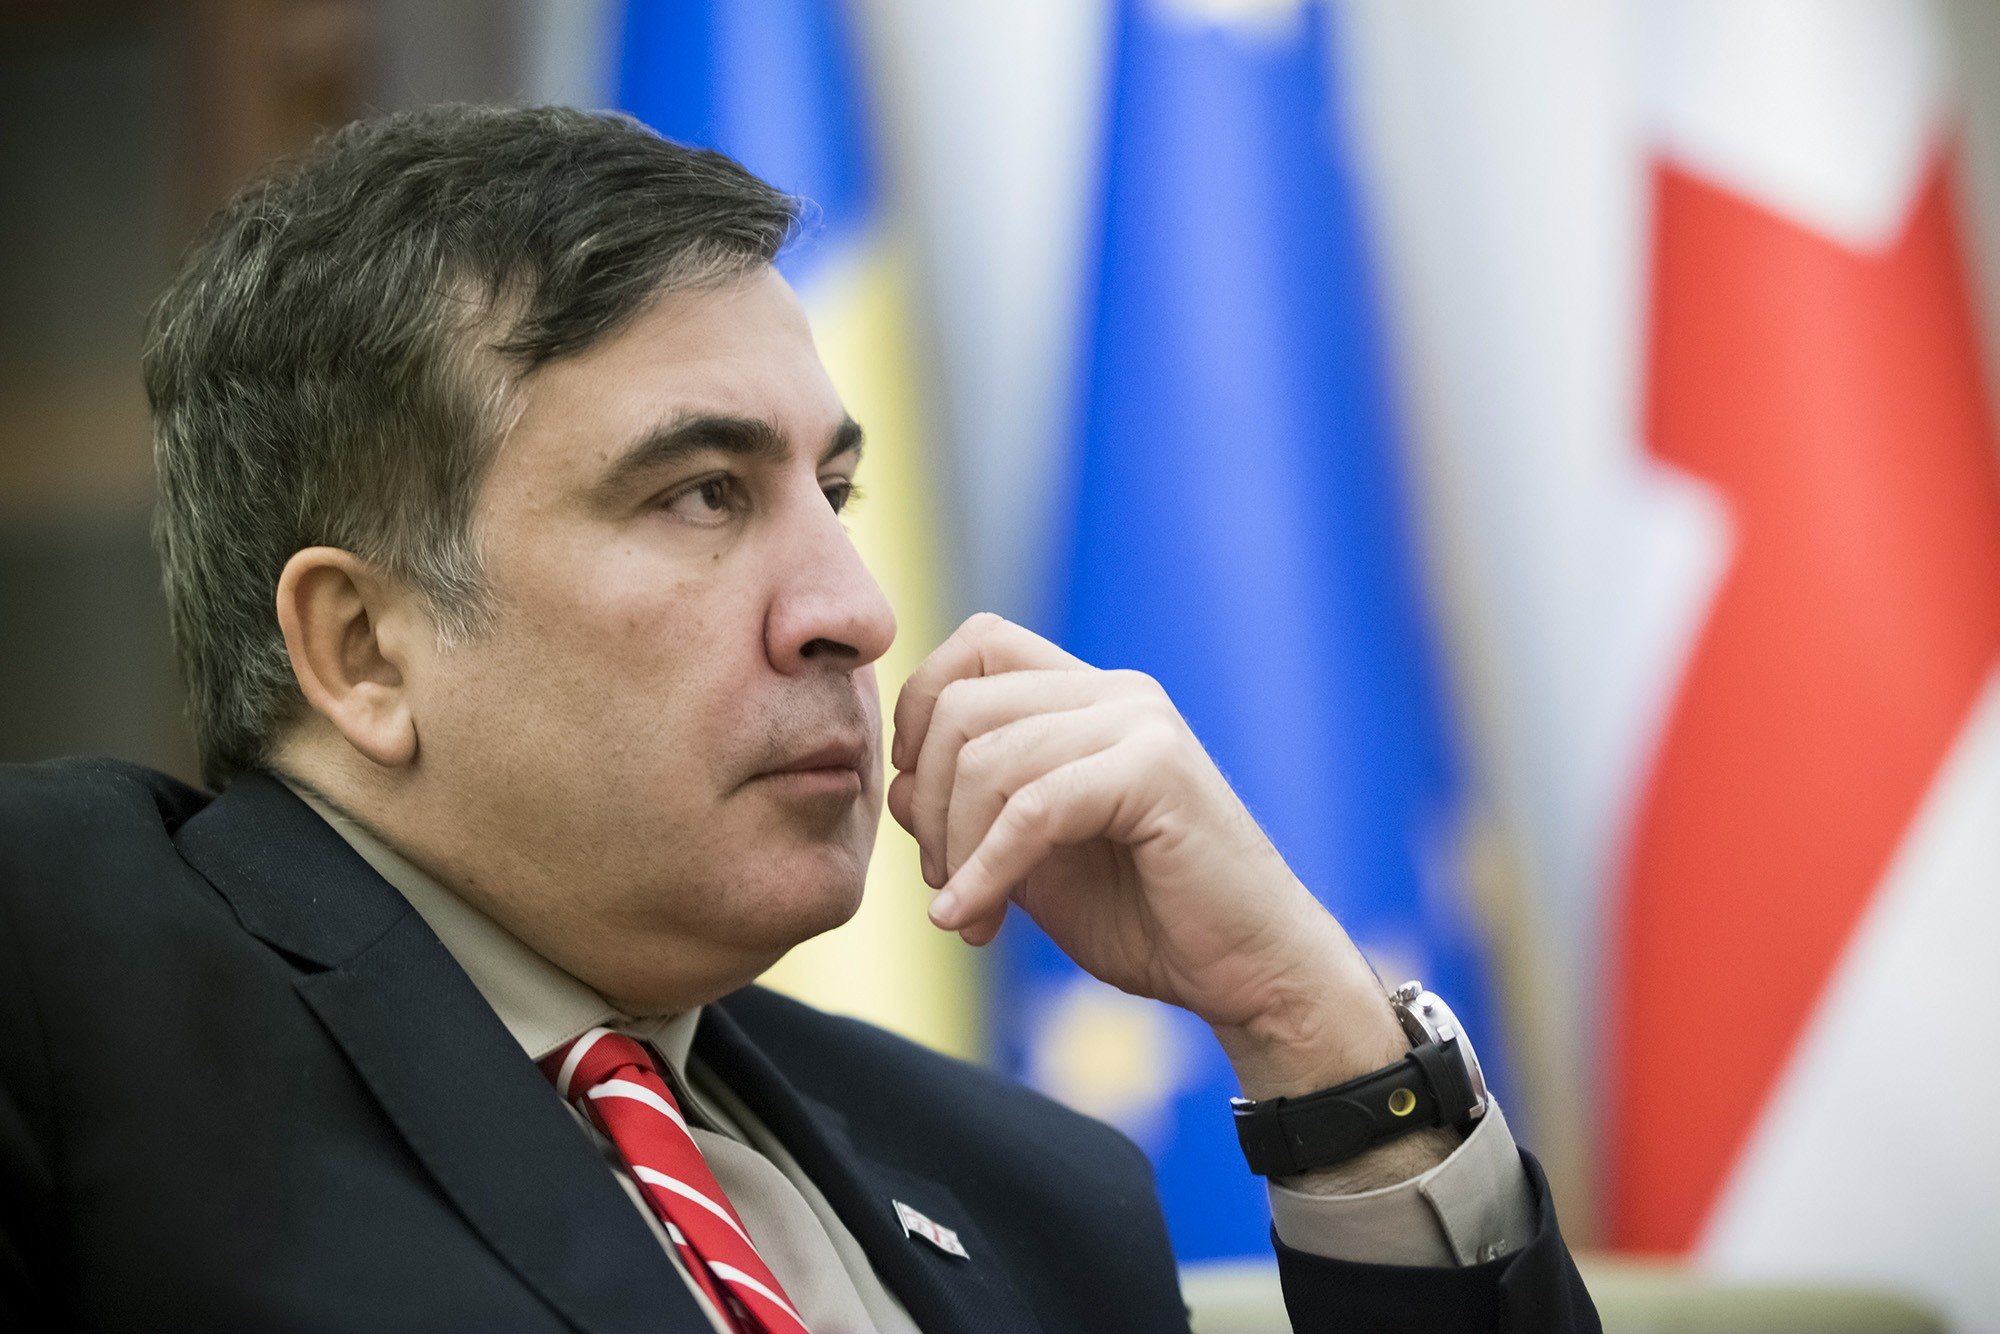 Саакашвили: Неизвестные побили моего водителя